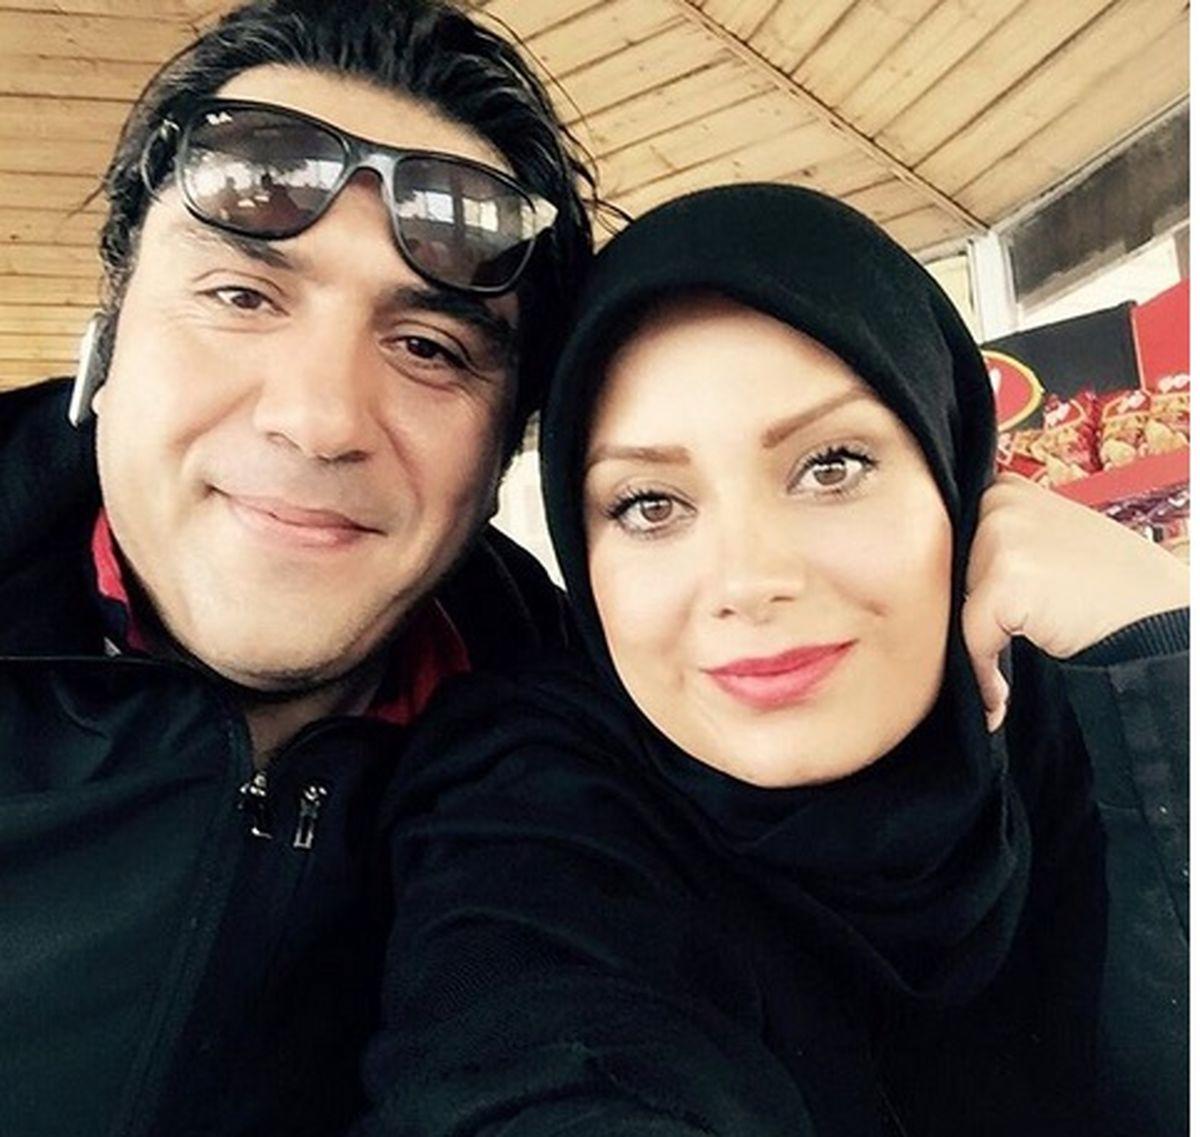 خرید رفتن صبا راد به همراه مادر شوهرش در ترکیه غوغا به پاکرد + فیلم